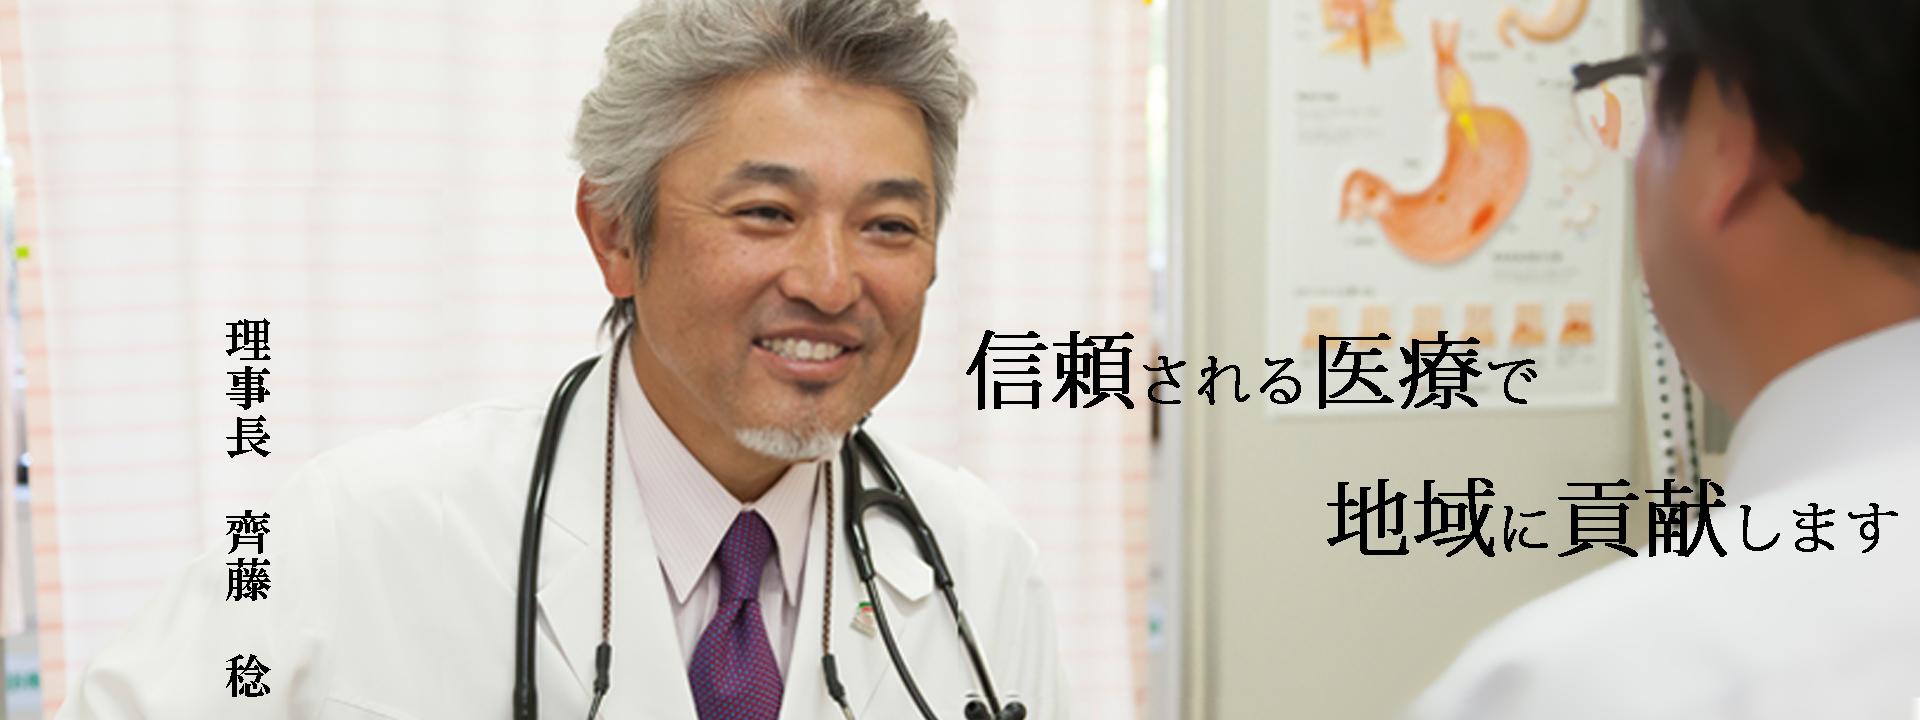 信頼される医療で地域に貢献します